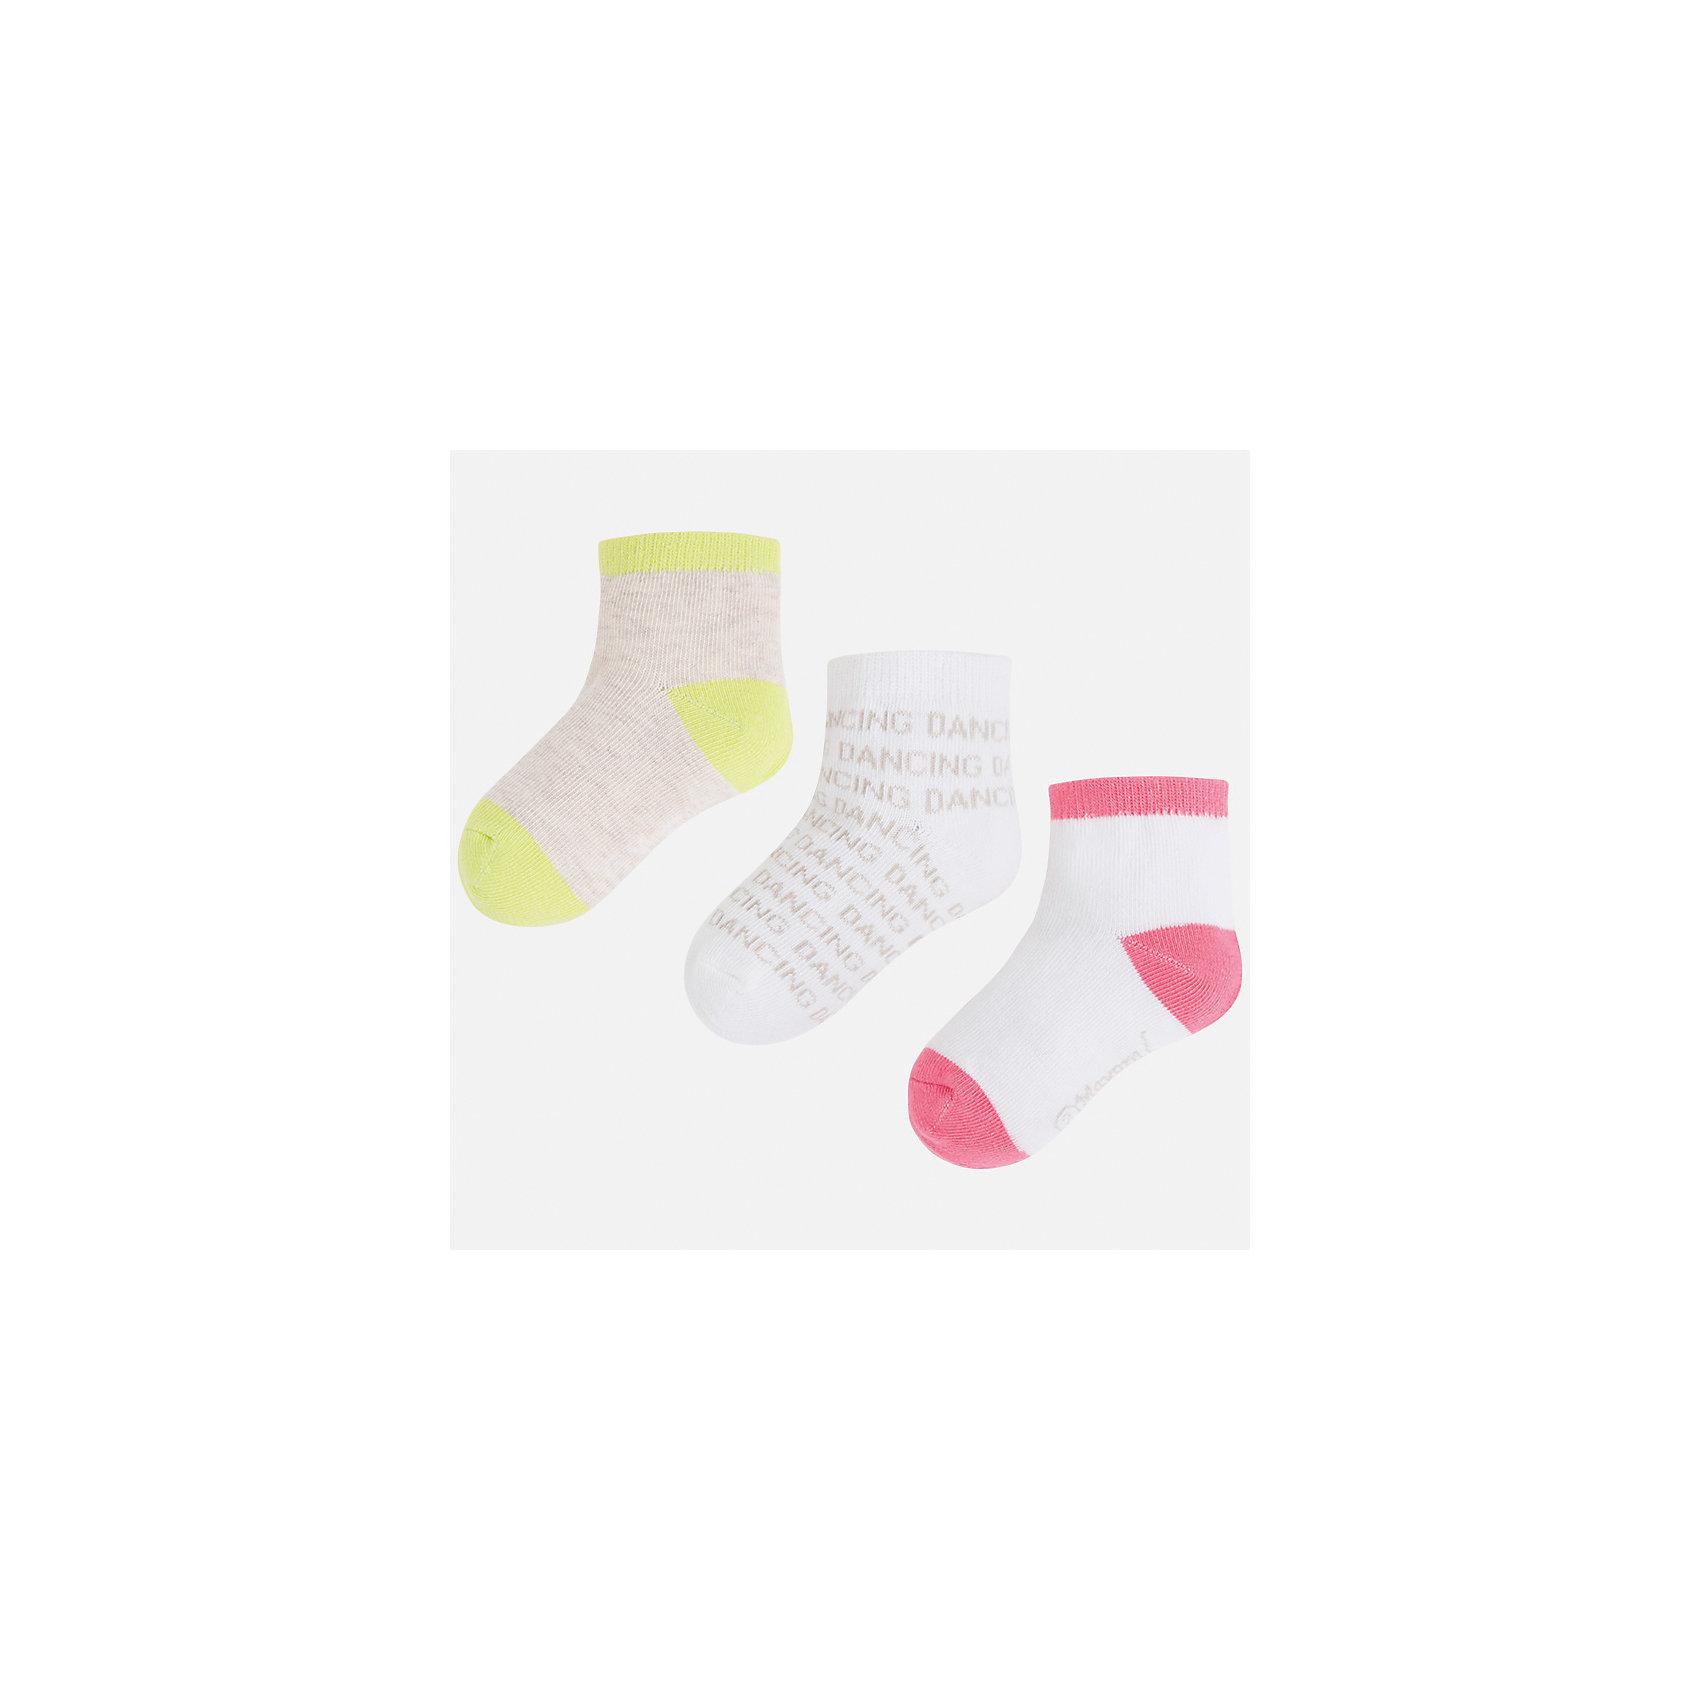 Носки (3 пары) для девочки MayoralНоски<br>Характеристики товара:<br><br>• цвет: белый/зеленый/розовый<br>• состав: 74% хлопок, 20% полиэстер, 3% полиамид, 3% эластан<br>• комплектация: три пары<br>• мягкая резинка<br>• эластичный материал<br>• декорированы рисунком<br>• страна бренда: Испания<br><br>Удобные симпатичные носки для девочки помогут обеспечить ребенку комфорт и дополнить наряд. Универсальный цвет позволяет надевать их под обувь разных расцветок. Носки удобно сидят на ноге и красиво смотрятся. В составе материала - натуральный хлопок, гипоаллергенный, приятный на ощупь, дышащий. <br><br>Одежда, обувь и аксессуары от испанского бренда Mayoral полюбились детям и взрослым по всему миру. Модели этой марки - стильные и удобные. Для их производства используются только безопасные, качественные материалы и фурнитура. Порадуйте ребенка модными и красивыми вещами от Mayoral! <br><br>Носки (3 пары) для девочки от испанского бренда Mayoral (Майорал) можно купить в нашем интернет-магазине.<br><br>Ширина мм: 87<br>Глубина мм: 10<br>Высота мм: 105<br>Вес г: 115<br>Цвет: зеленый<br>Возраст от месяцев: 84<br>Возраст до месяцев: 96<br>Пол: Женский<br>Возраст: Детский<br>Размер: 8,2,4,6<br>SKU: 5293509